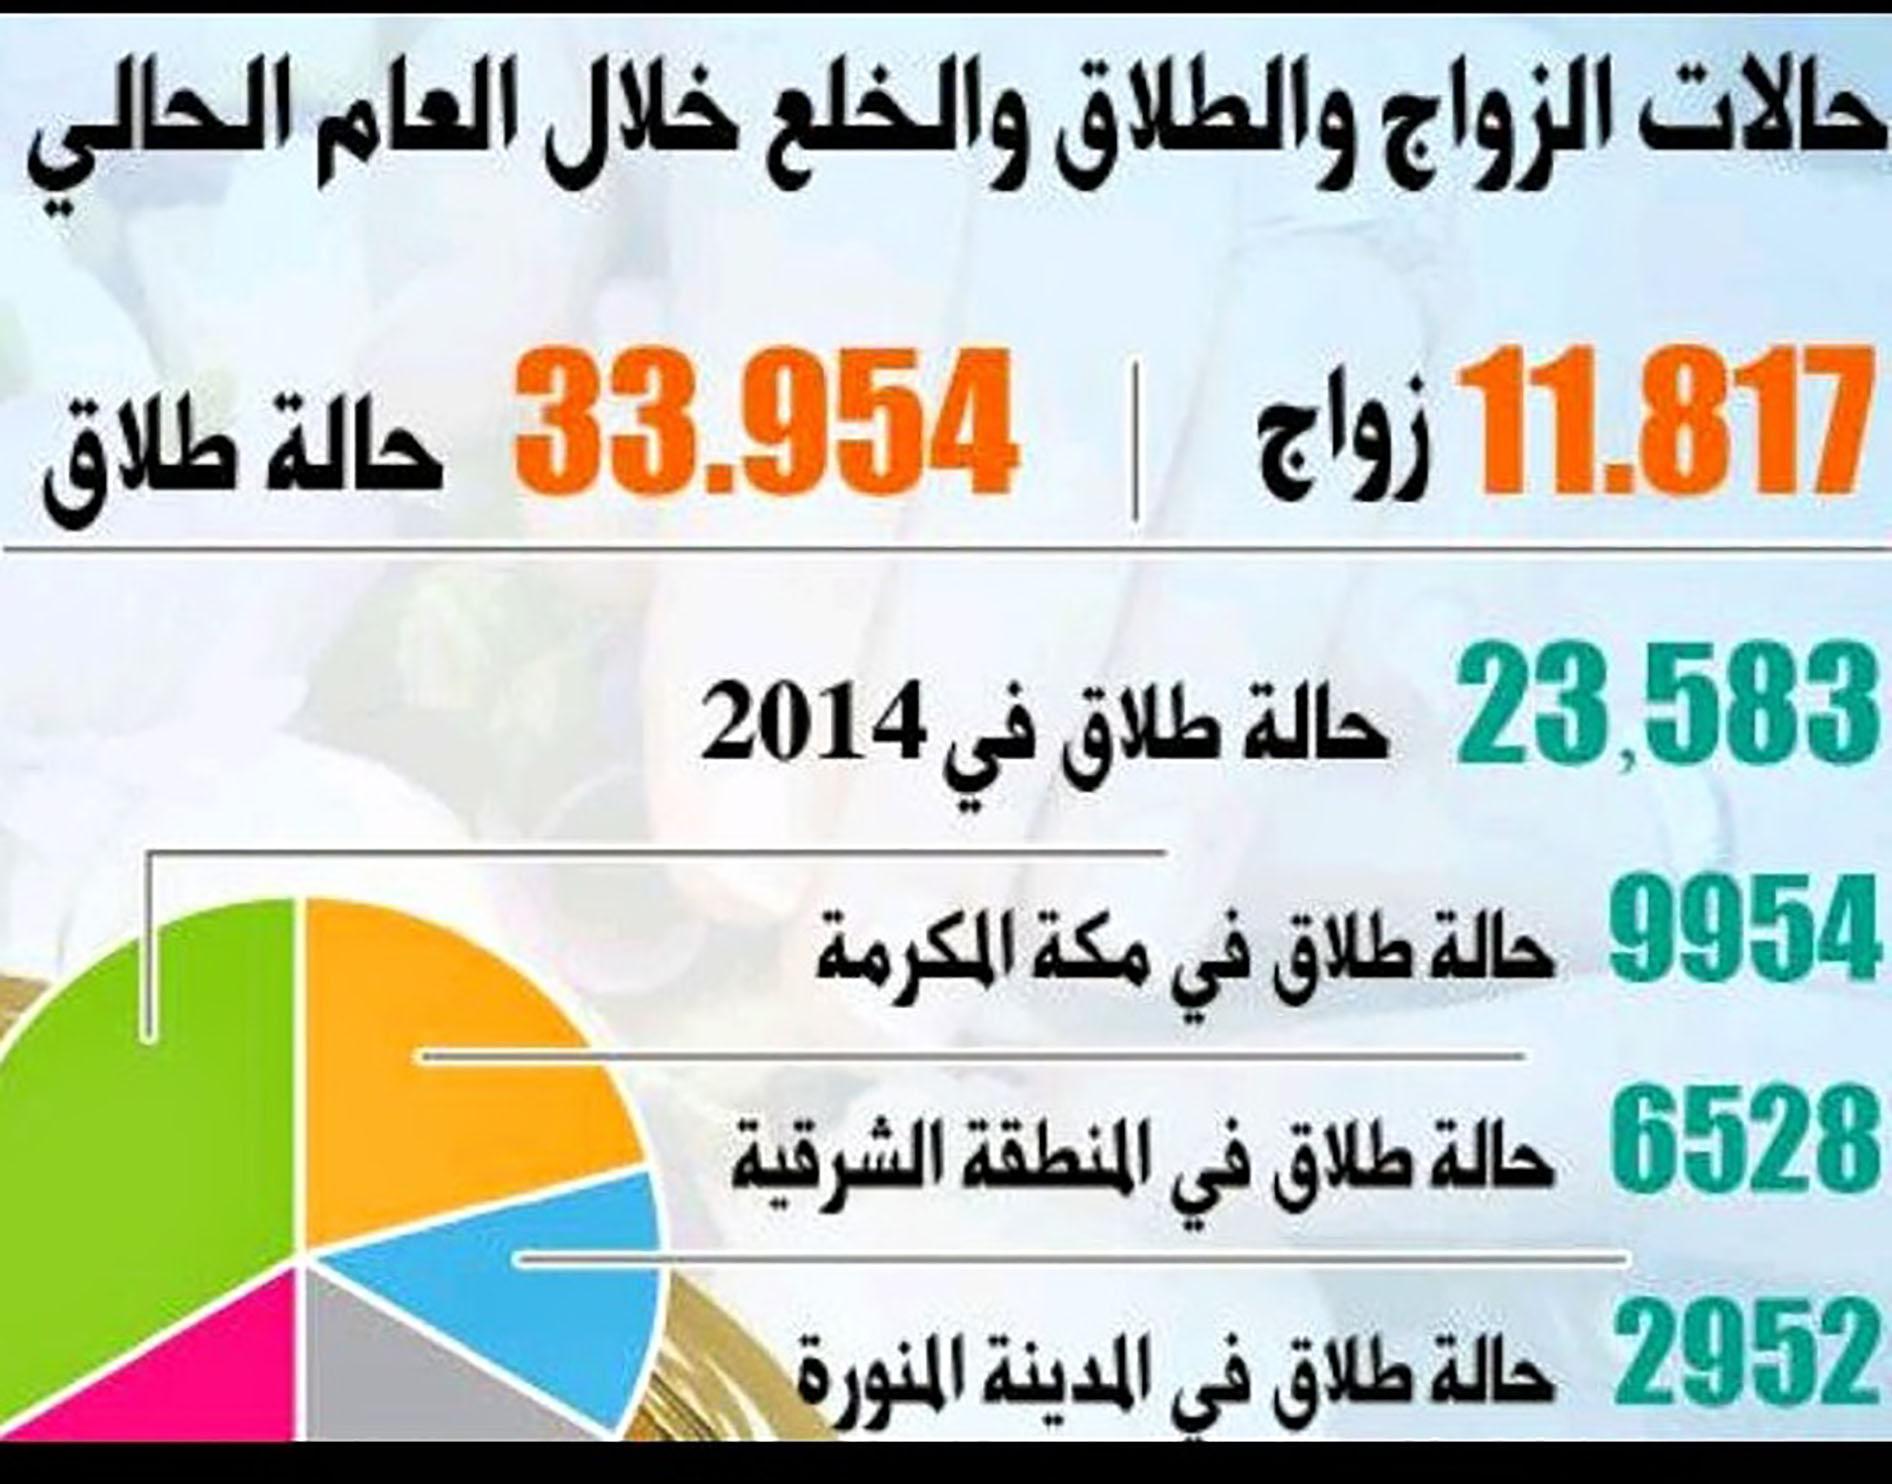 نسبة النفقة من دخل الزوج في السعوديه